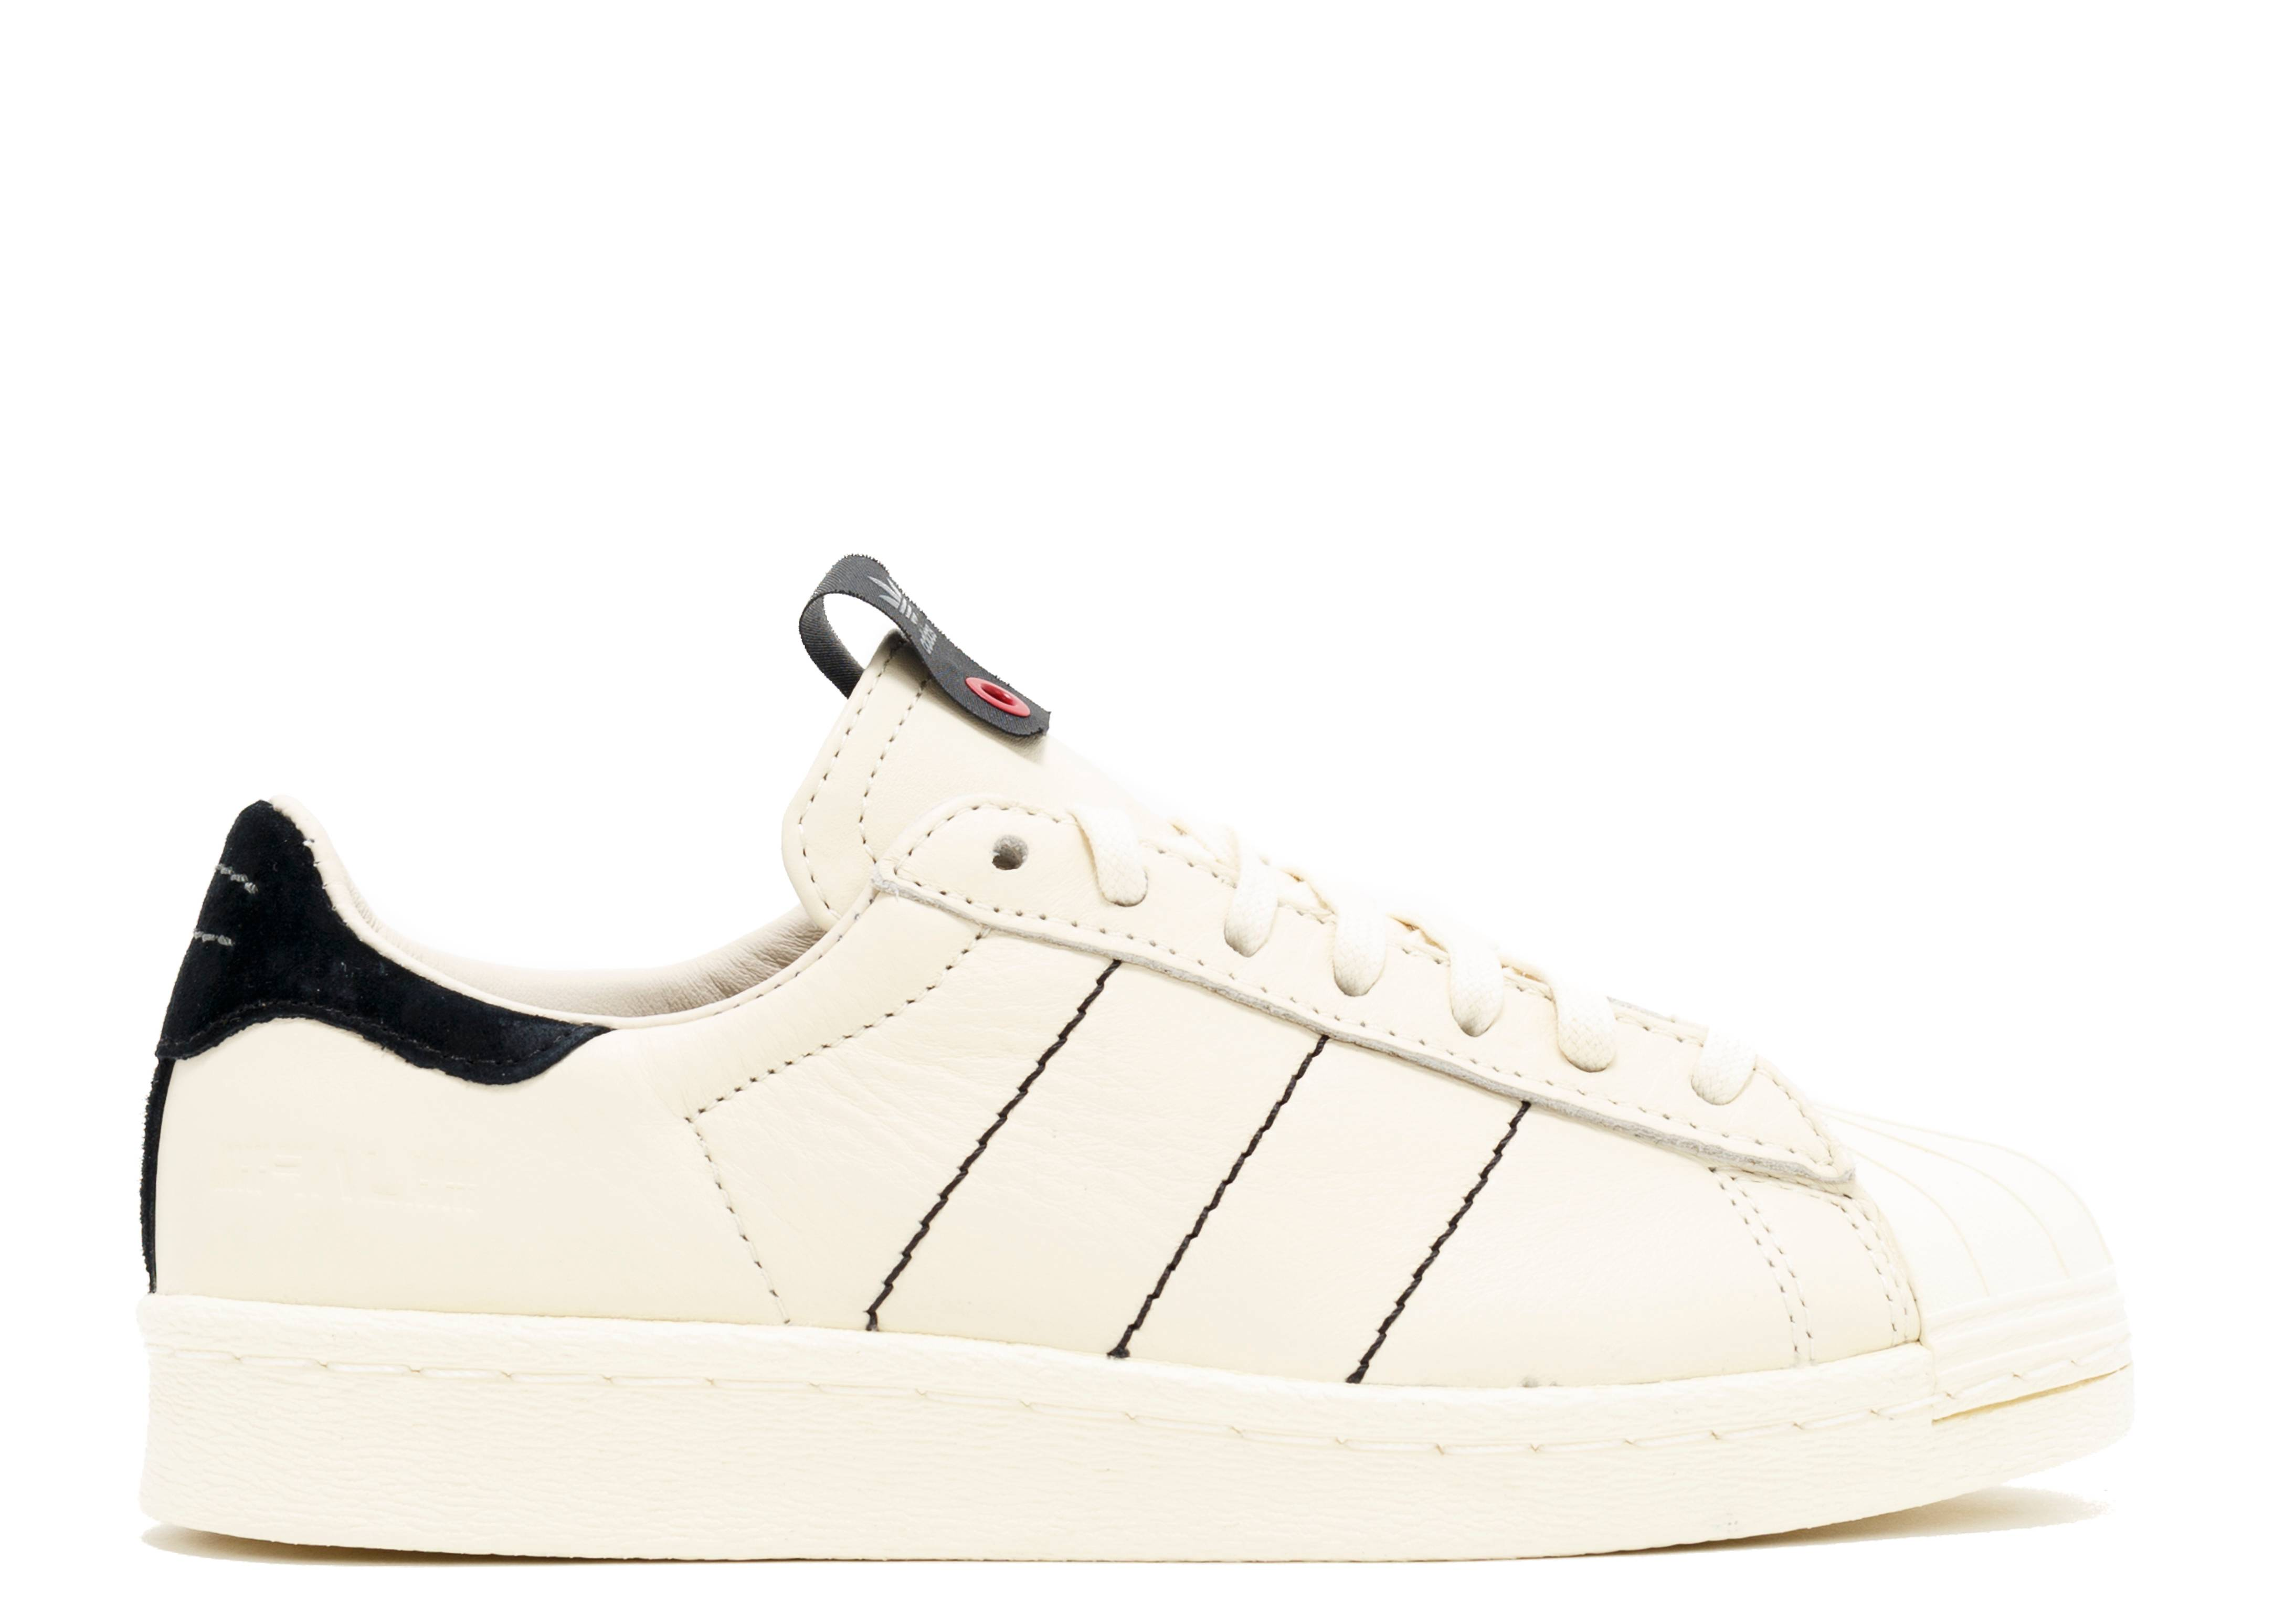 adidas superstar zwart wit maat 36,adidas superstar pride pack ราคา